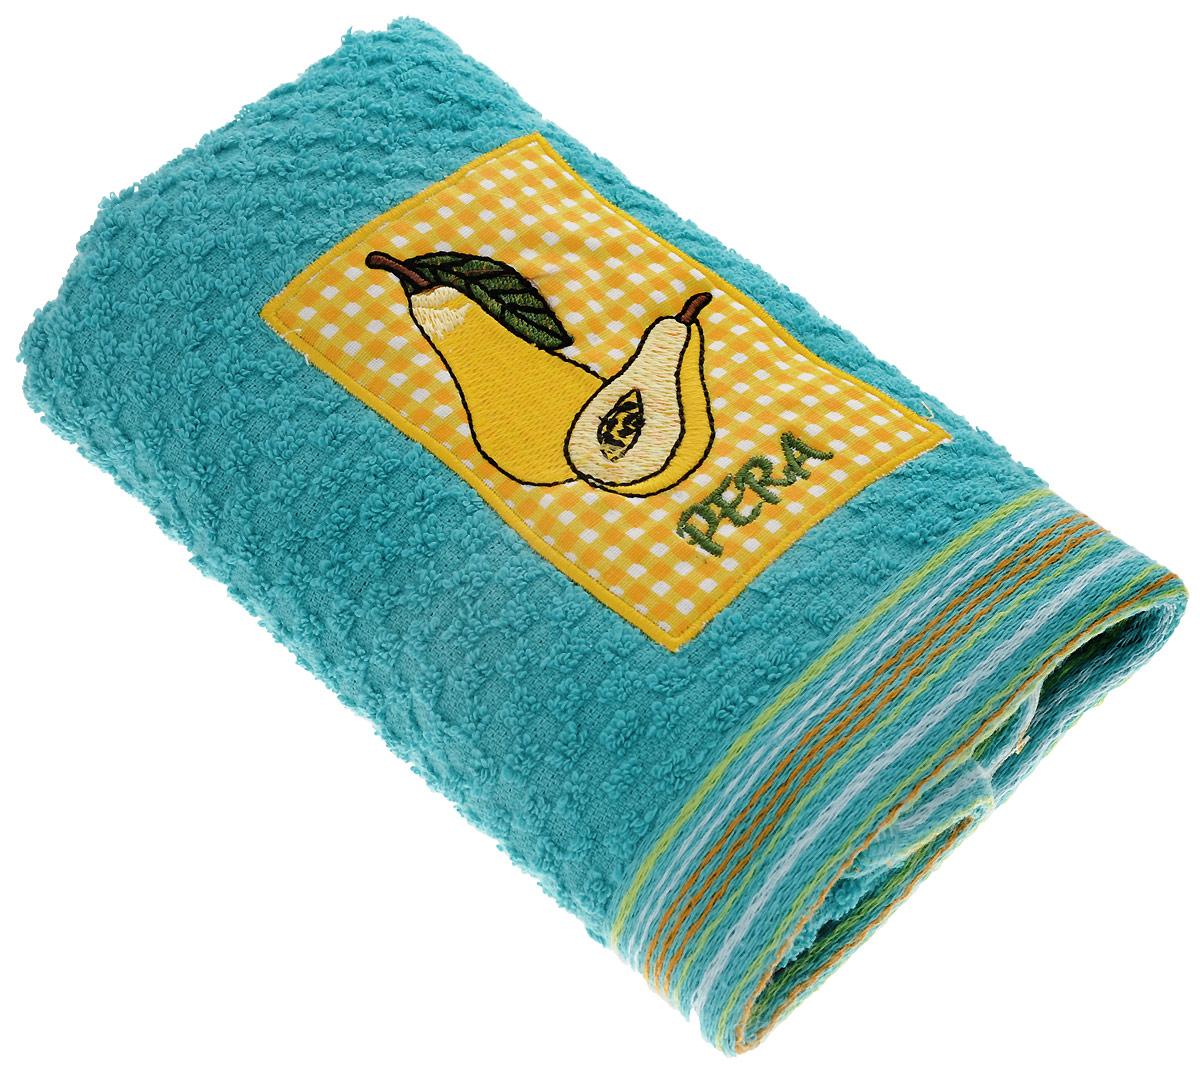 Полотенце кухонное Bonita Весёлый сад, цвет: бирюзовый, 40 х 60 см0101311585100% хлопок Размер: 40*60Махровое полотенце Bonita с вышивкой в пенале